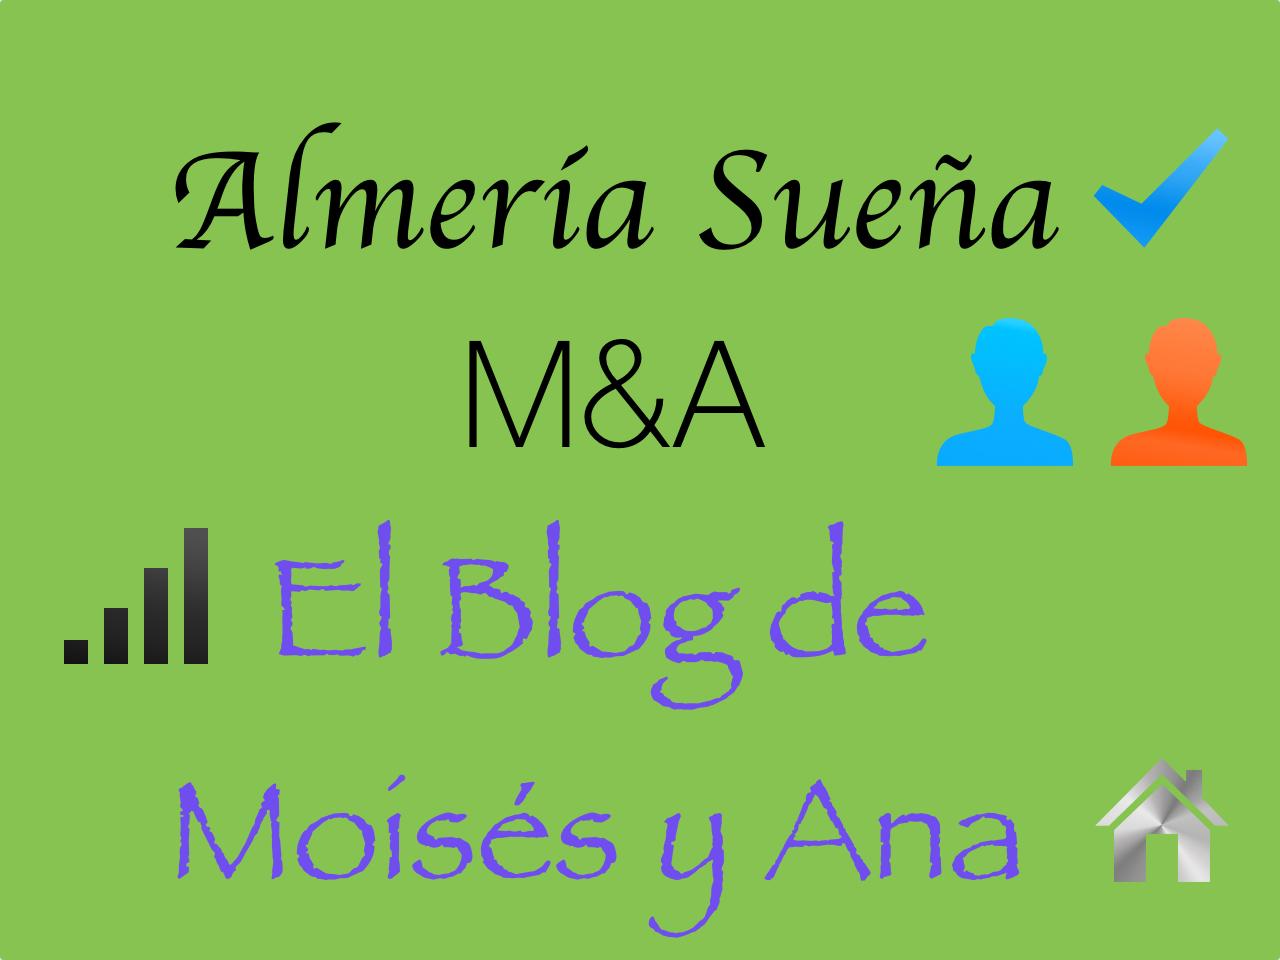 Almería Sueña M & A